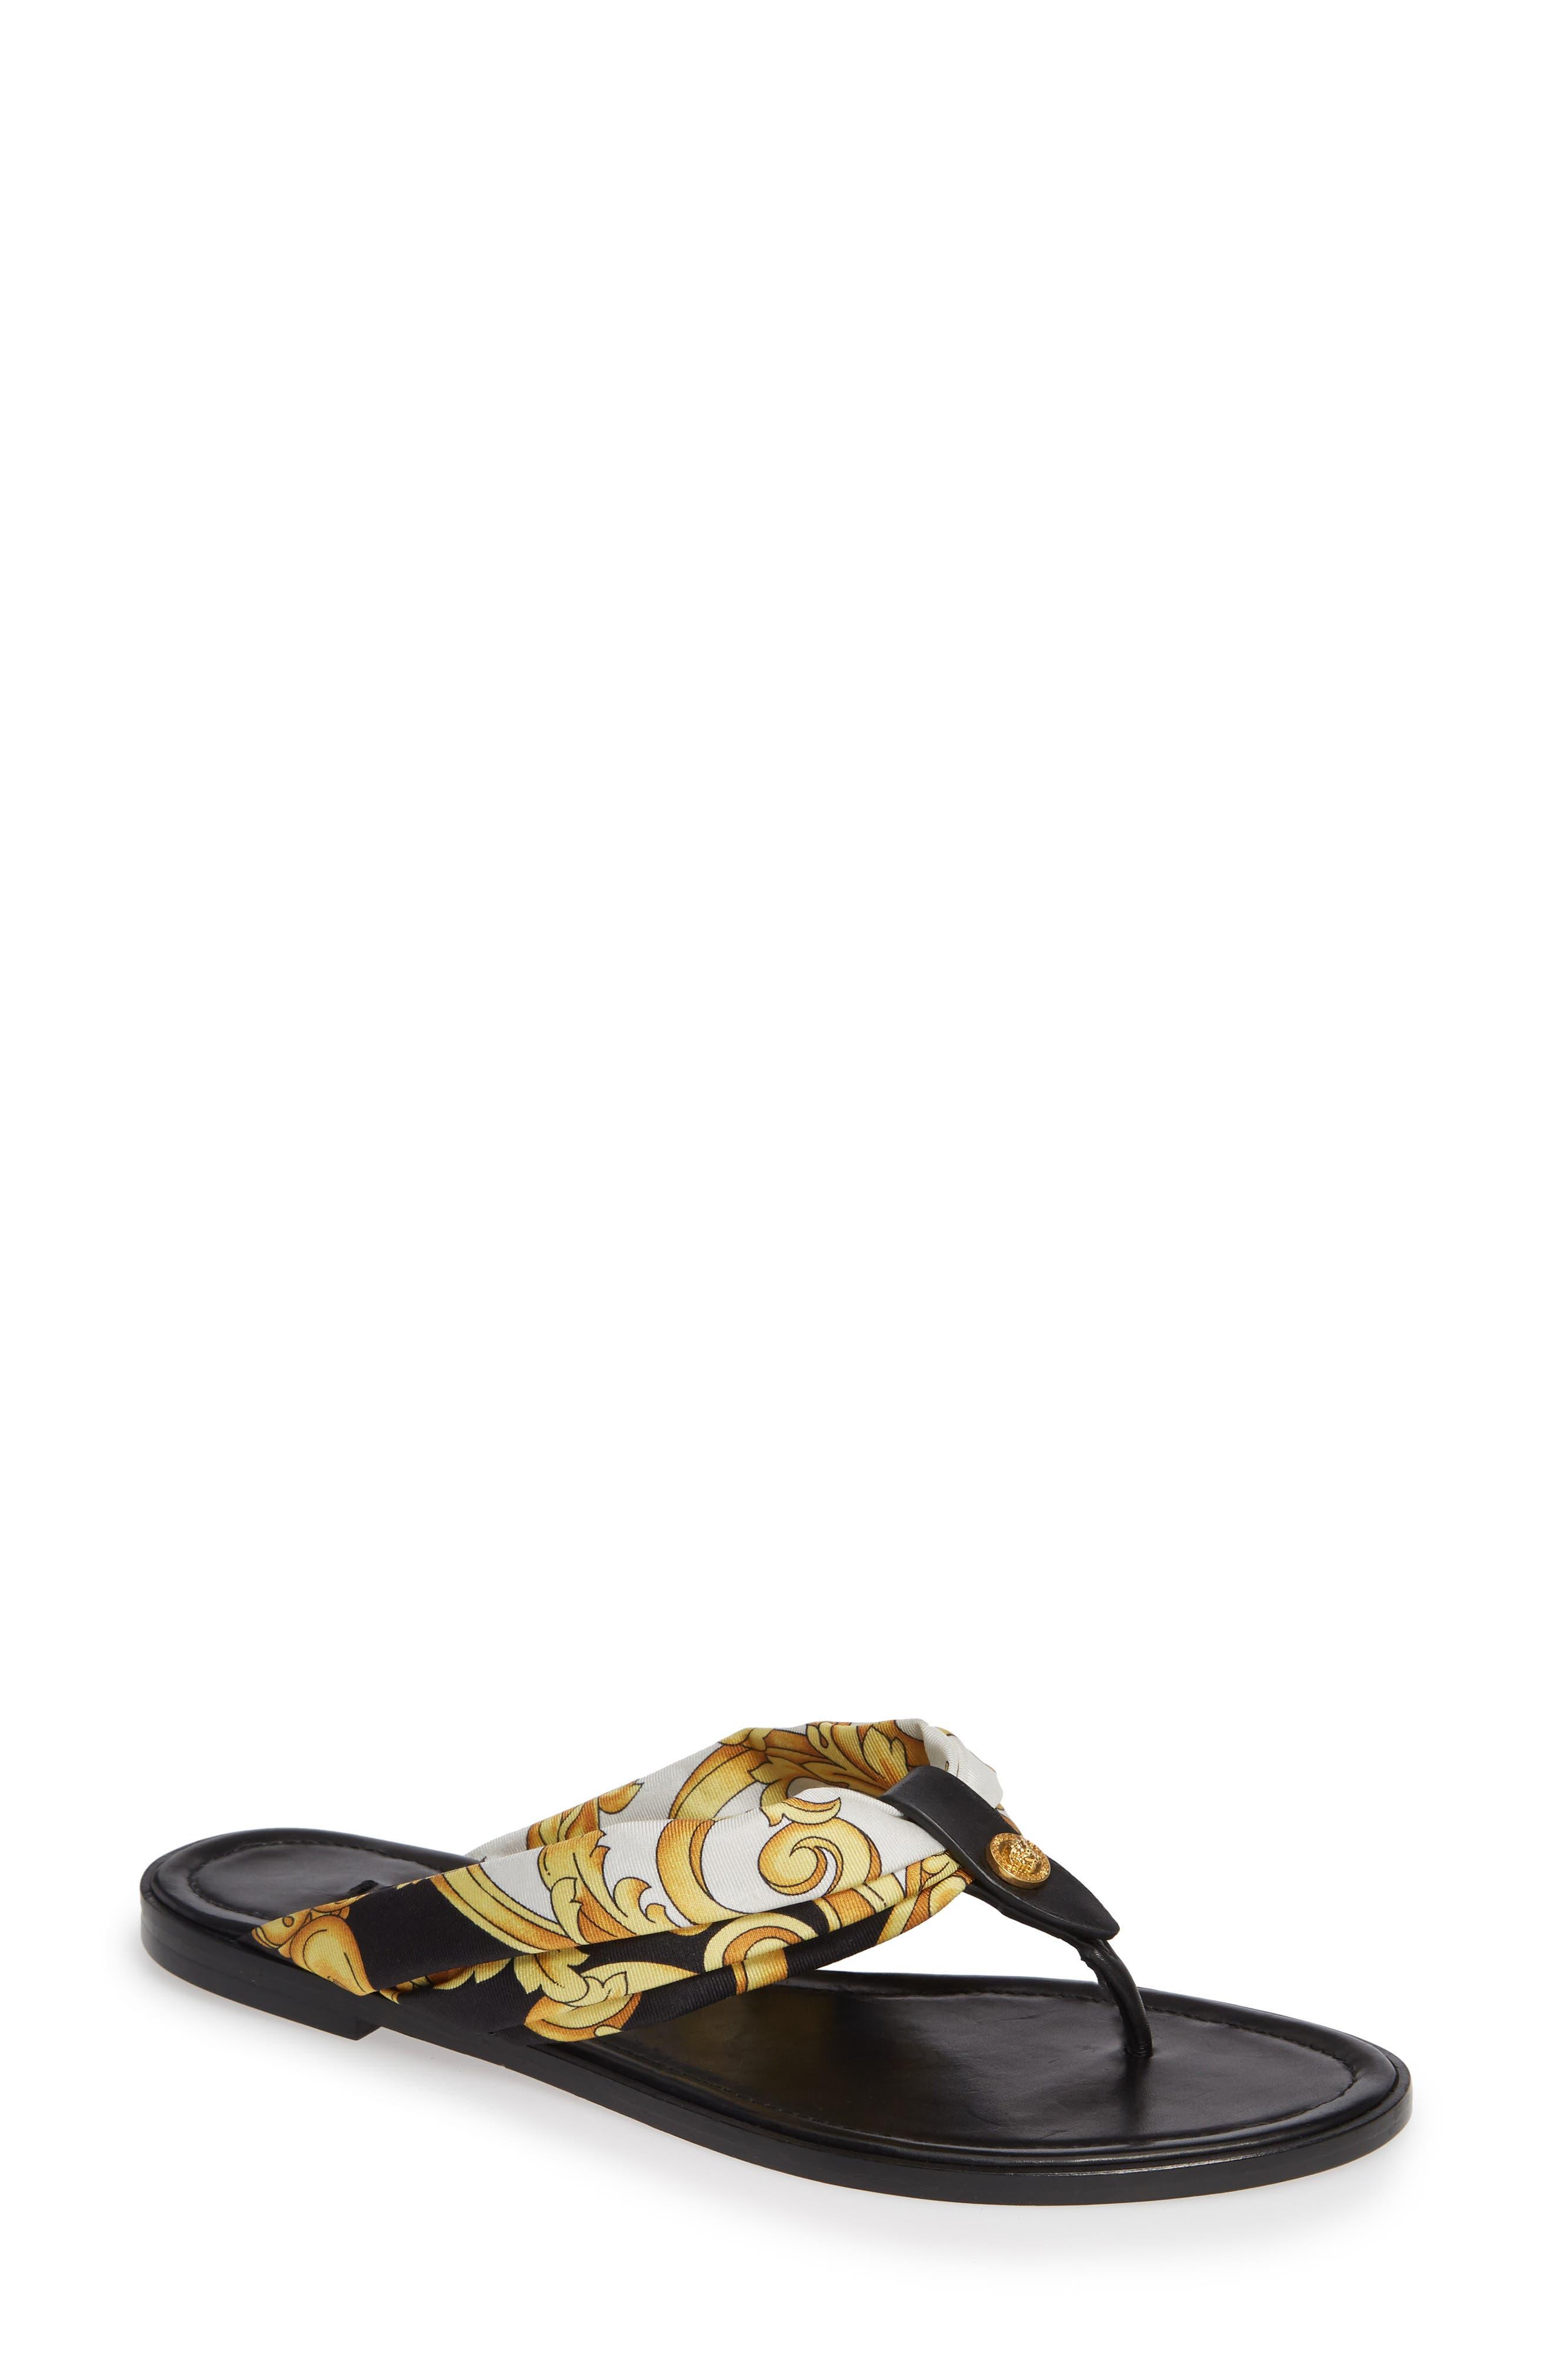 Versace Slippers Hibiscus Flip Flop